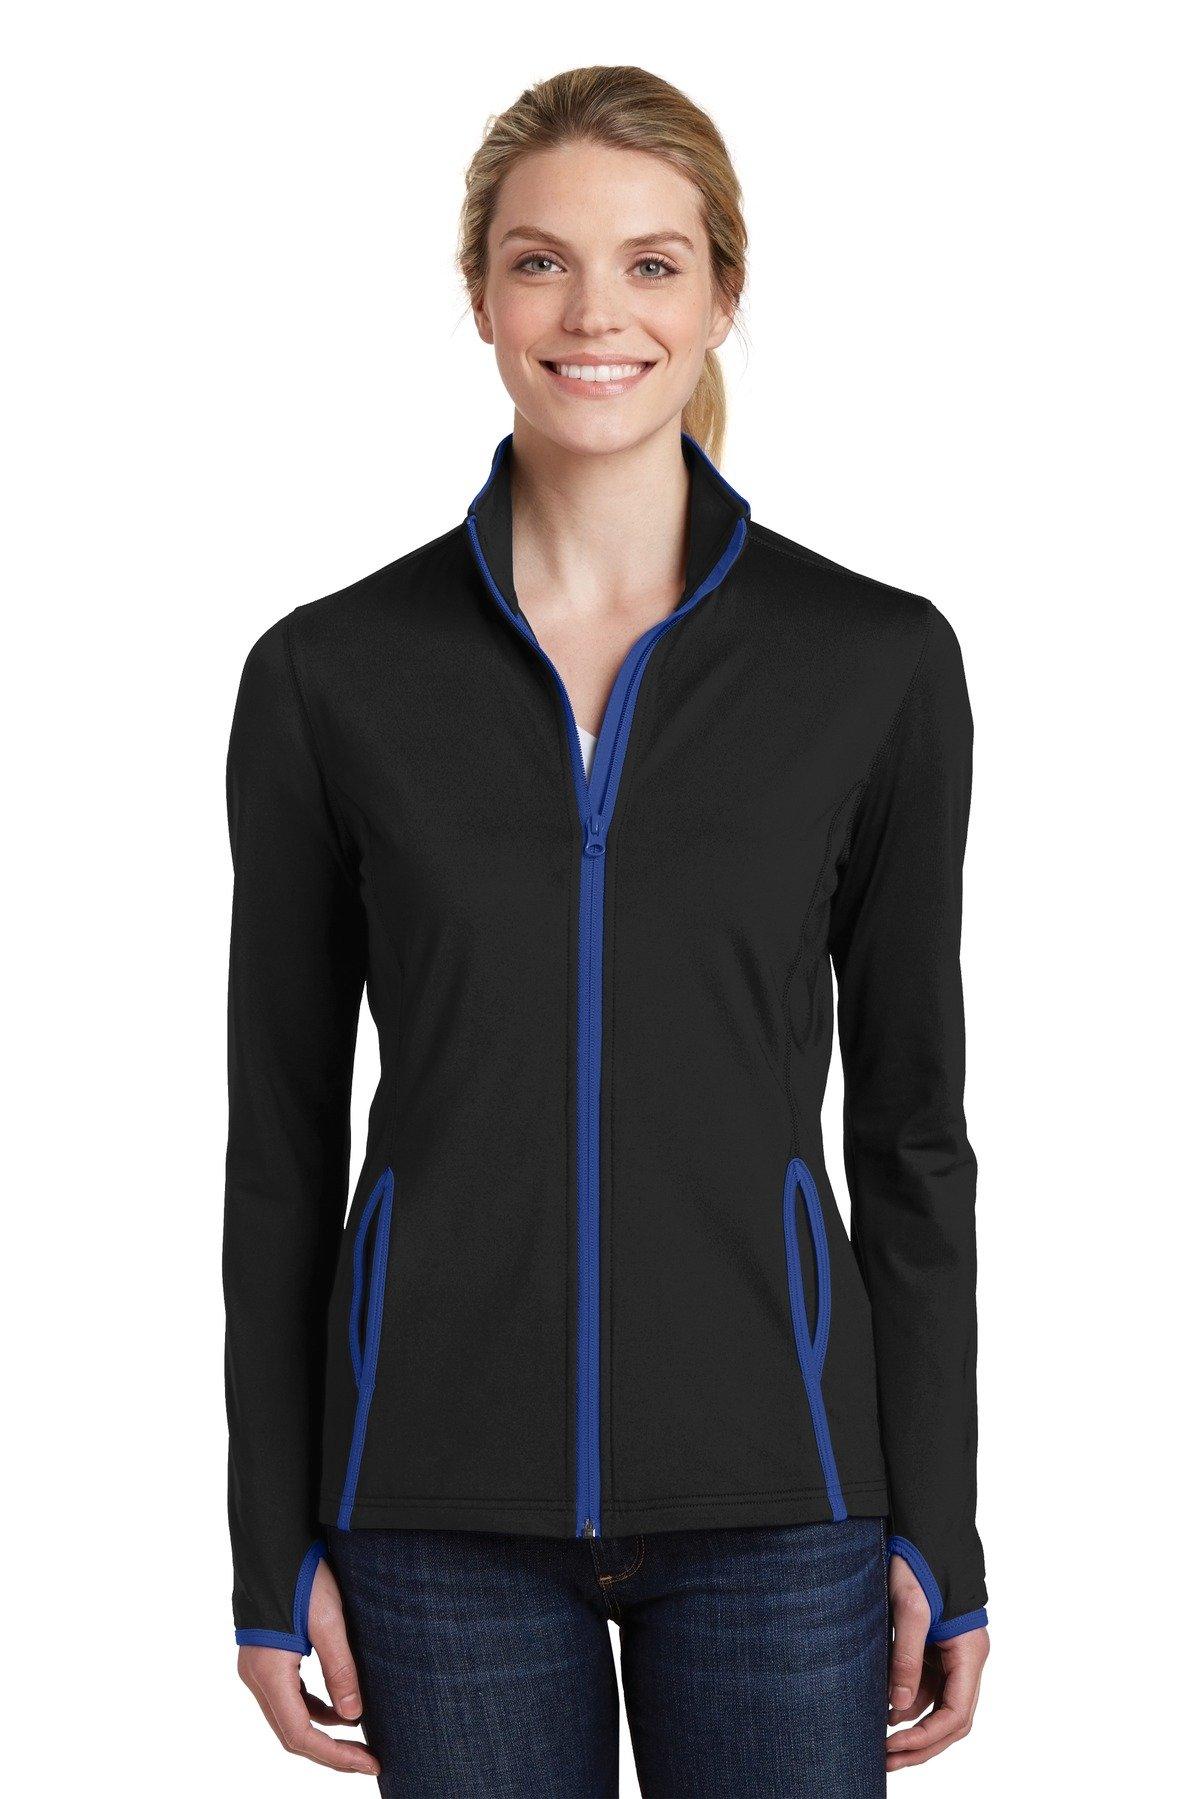 Sport-Tek Women's Stretch Contrast Full-Zip Jacket_Black/ True Royal_M